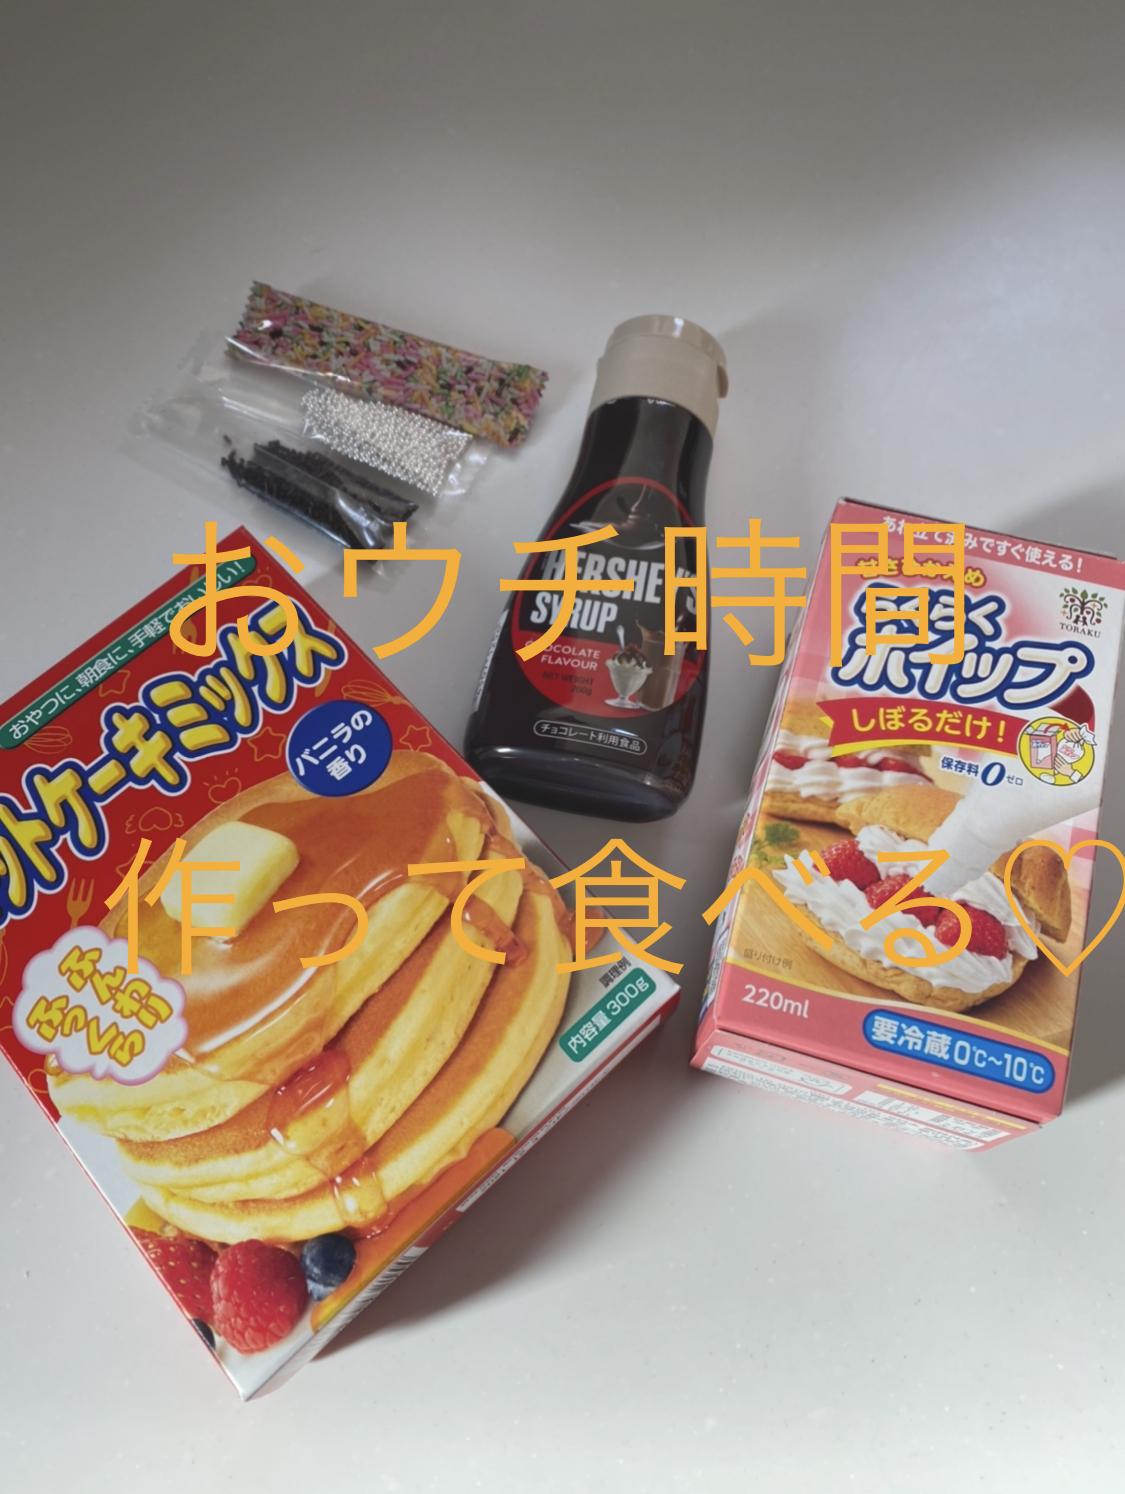 『ふわふわ』『ホイップ盛り盛り』のパンケーキが食べたい!おウチ時間!日曜の『モーニング』作って食べて見た。